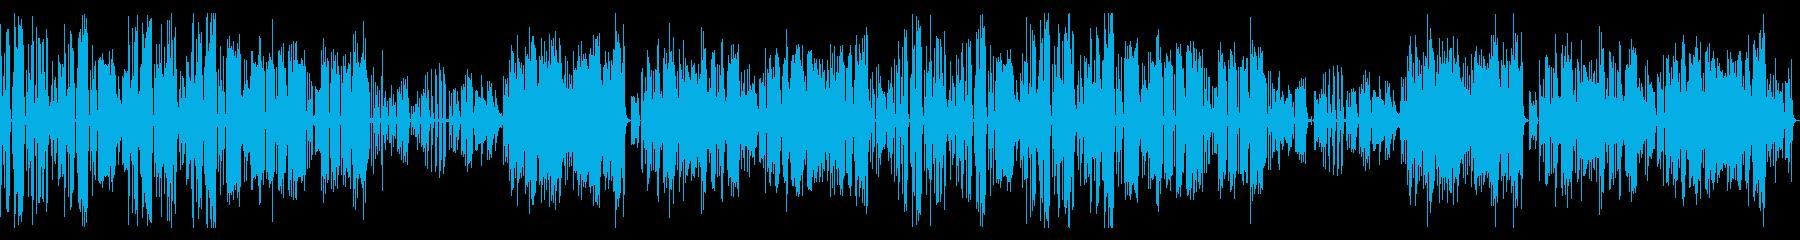 Tonkanchinの再生済みの波形